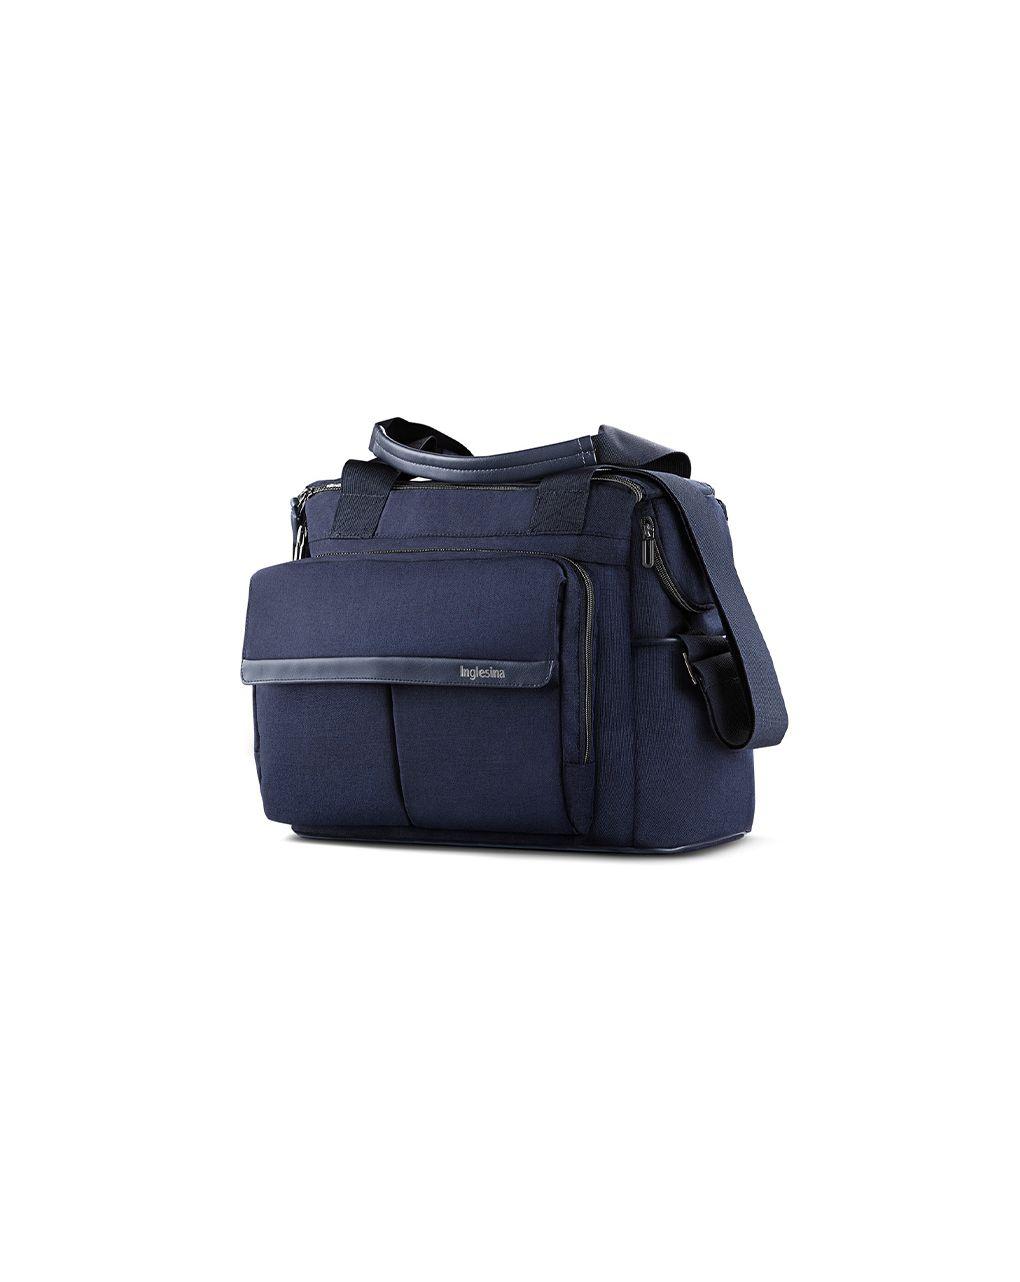 Borsa dual bag aptica portland blue - Inglesina